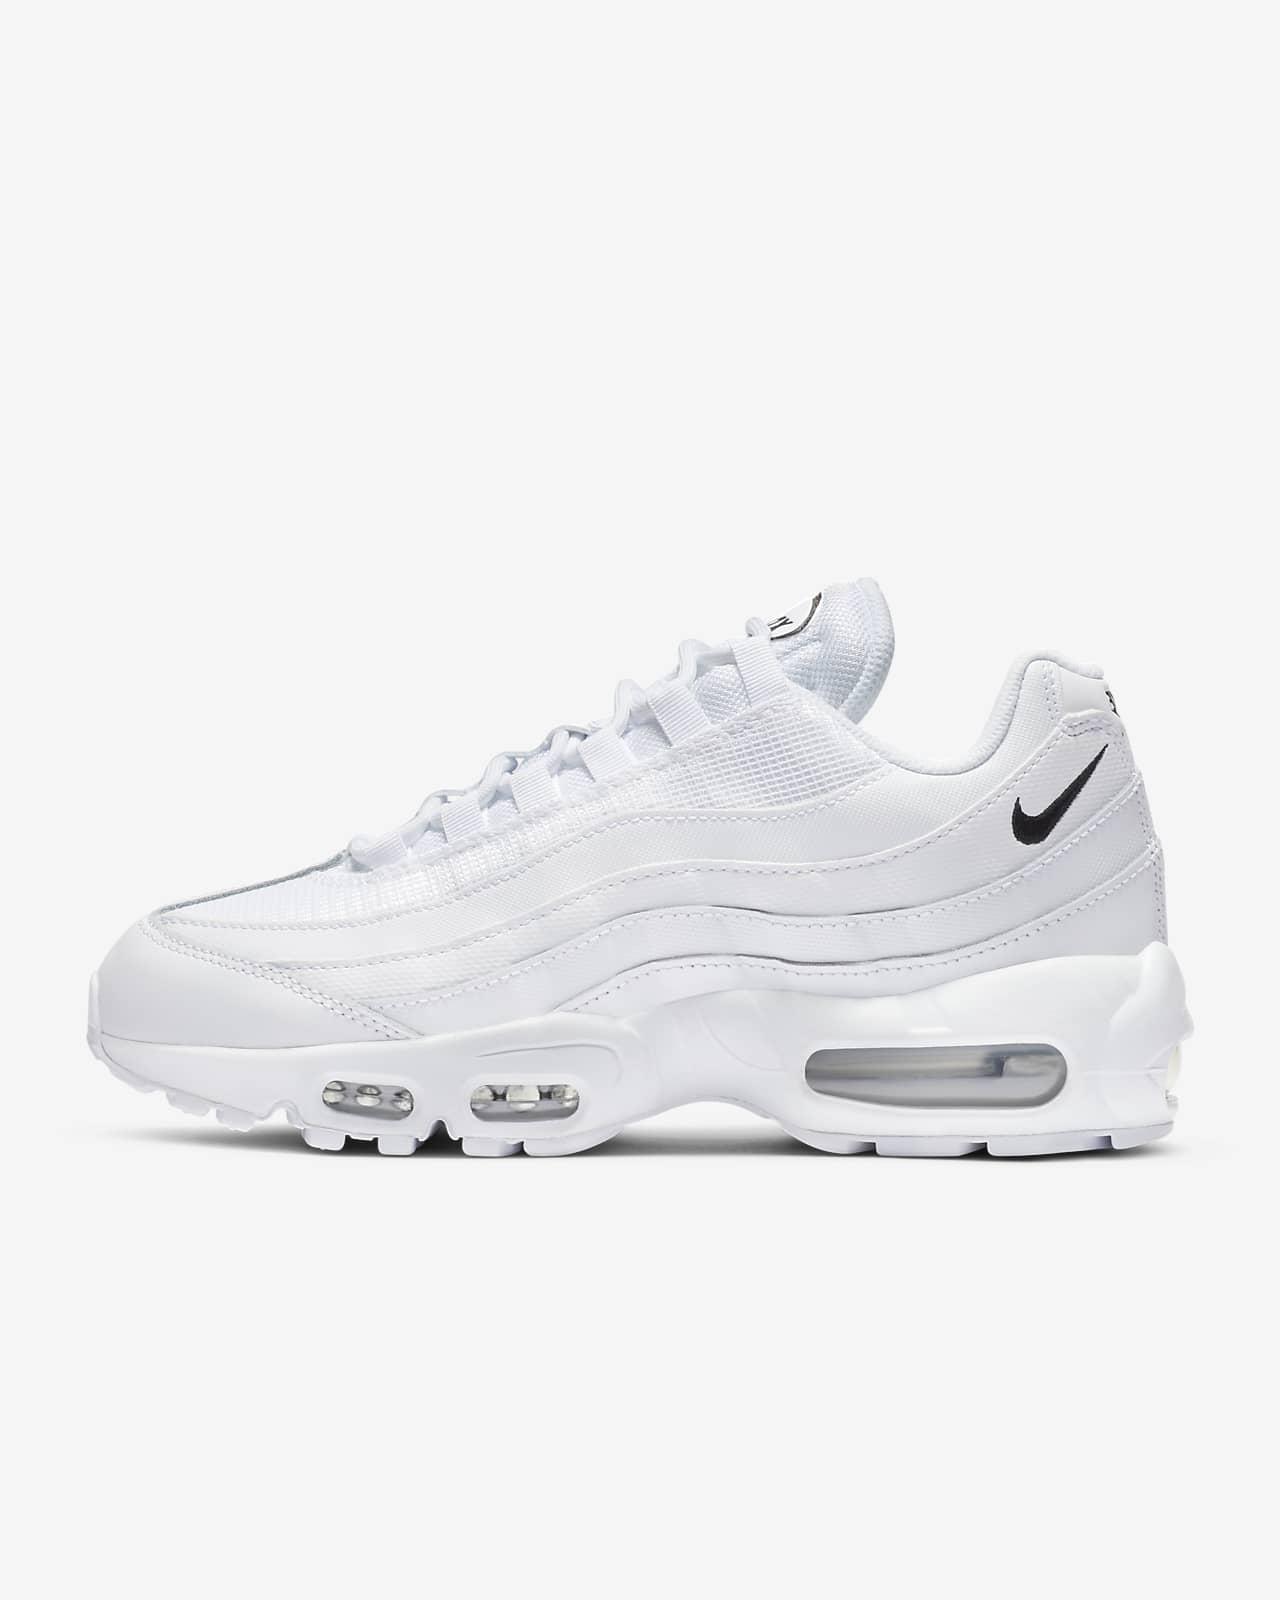 Γυναικείο παπούτσι Nike Air Max 95 Essential